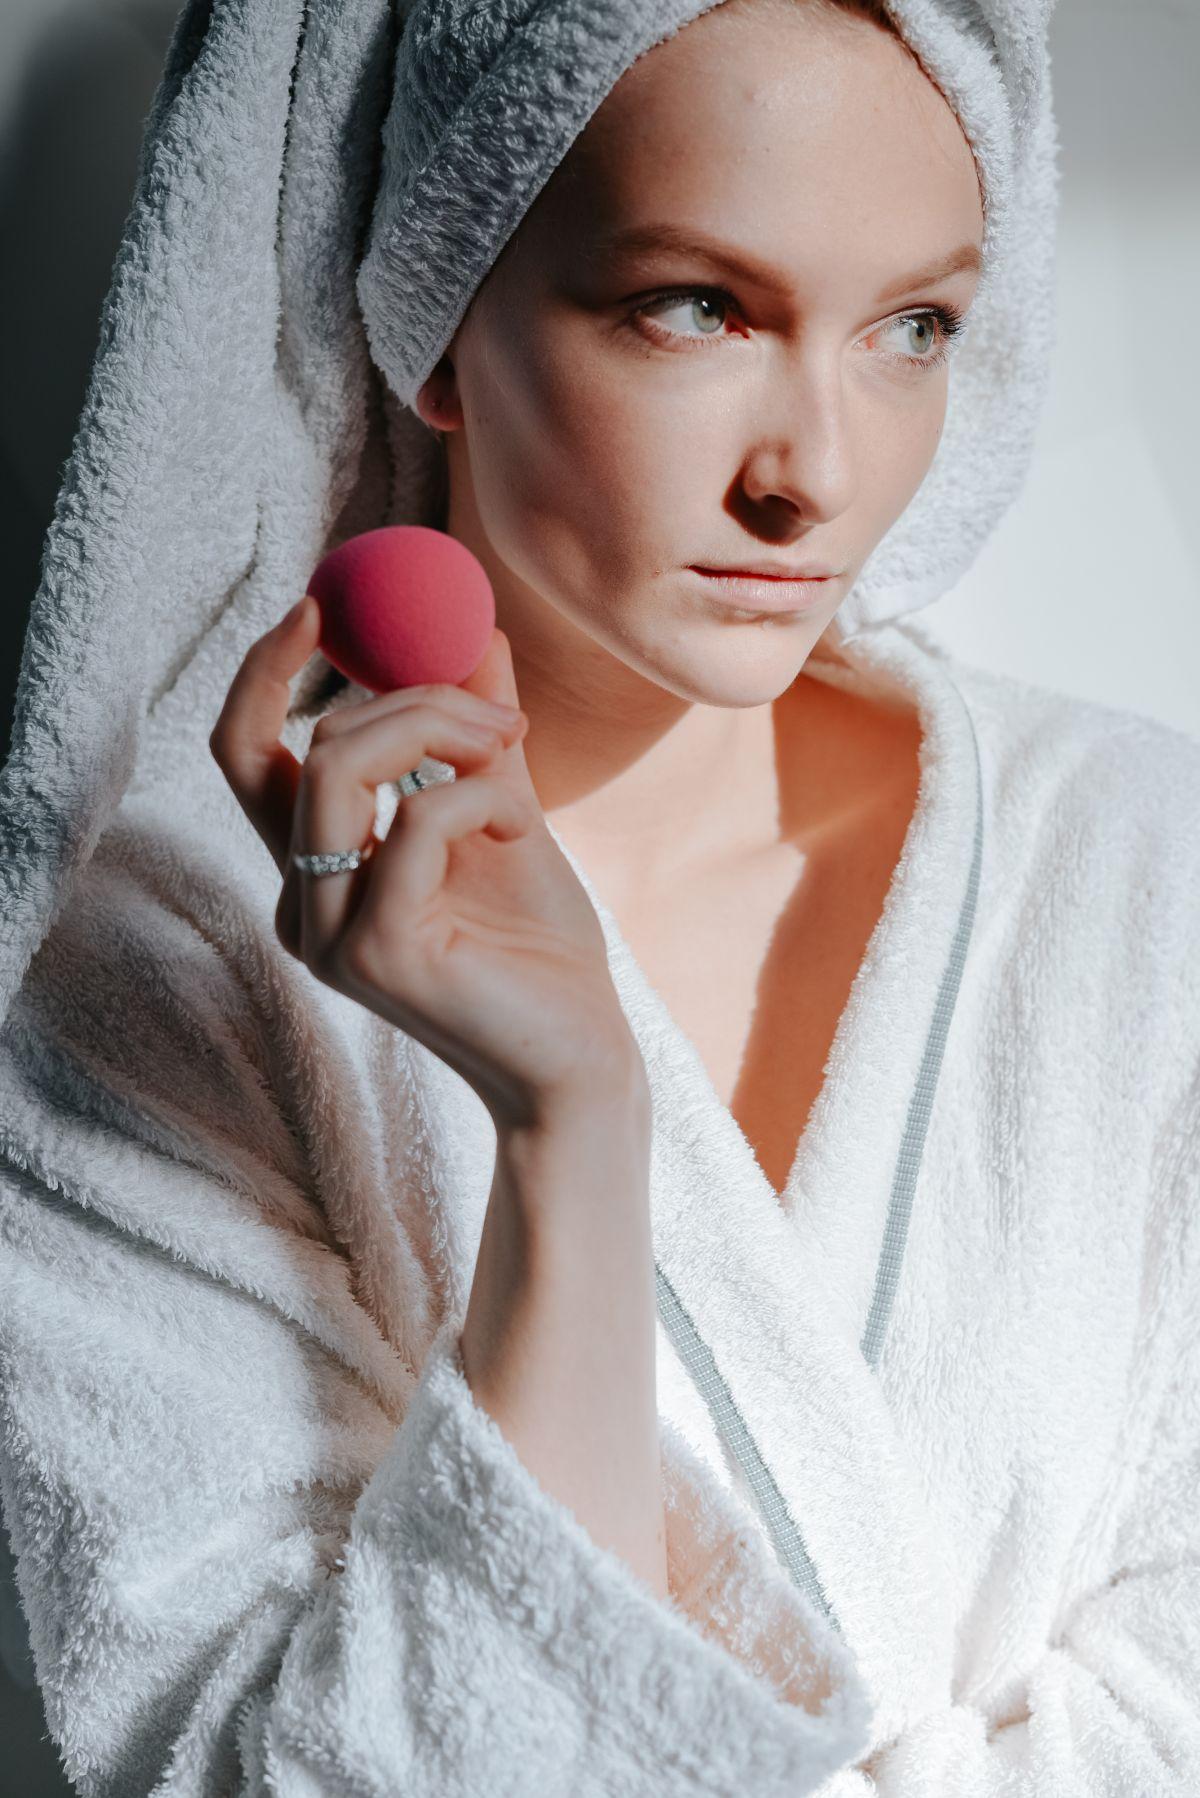 Greșeala pe care o faci atunci când folosești Beautyblenderul, conform celei care l-a creat